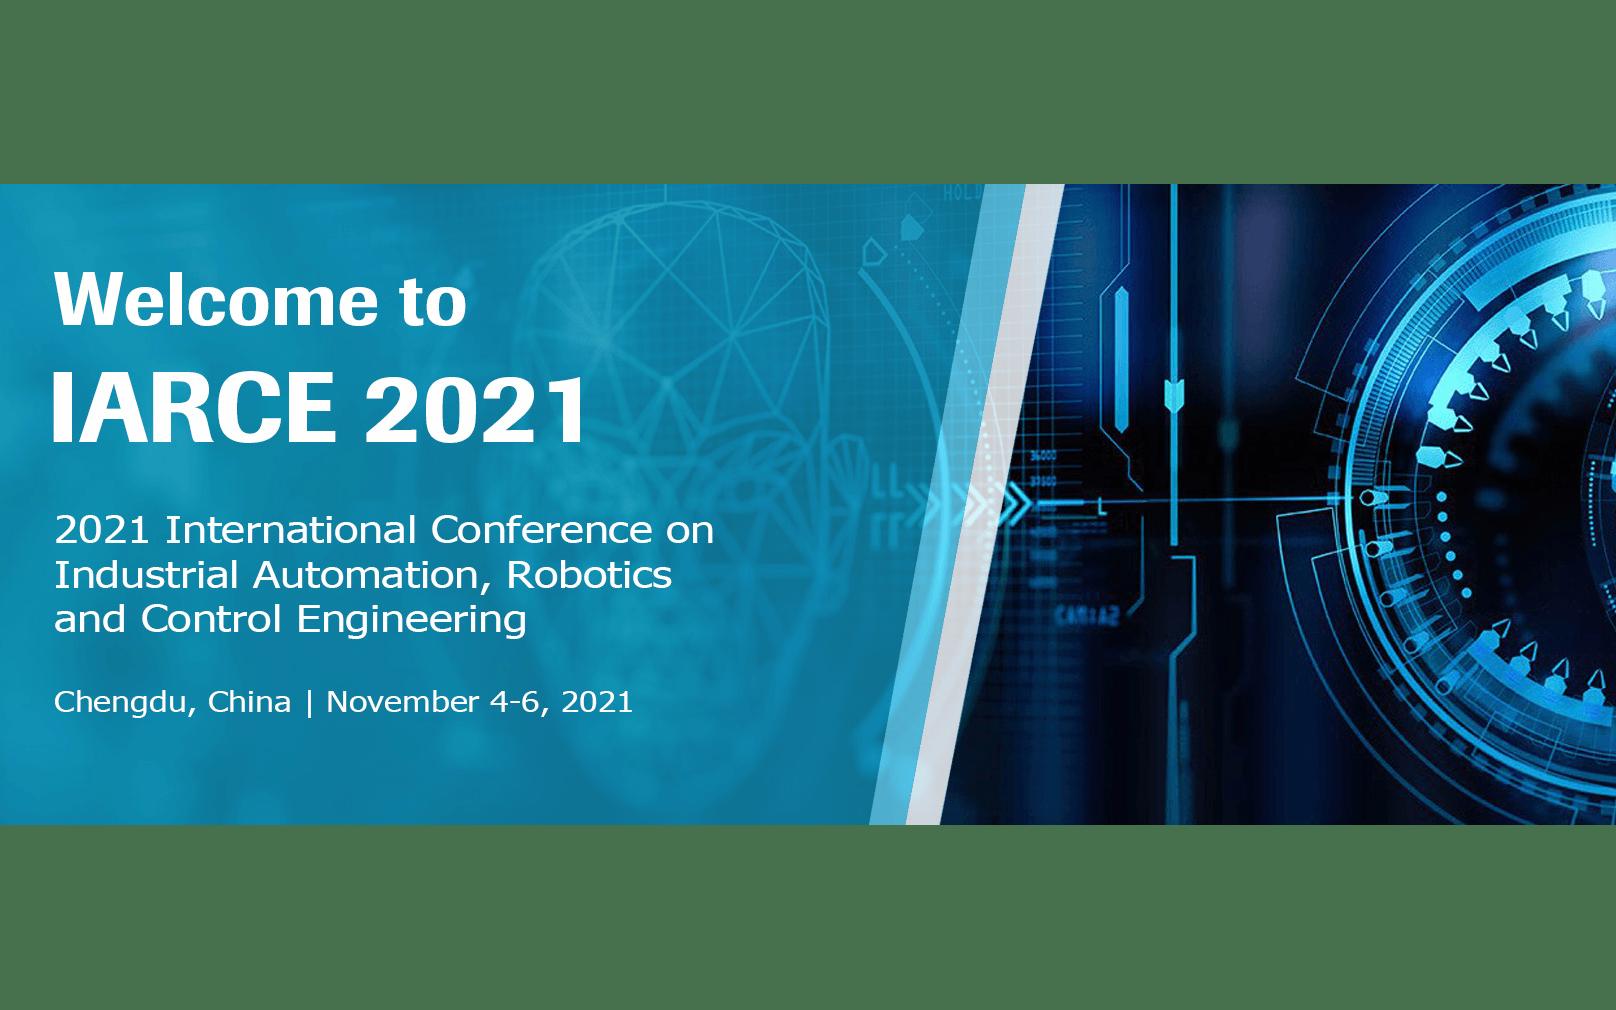 2021年工业自动化,机器人与控制工程国际会议(IARCE 2021)EI检索